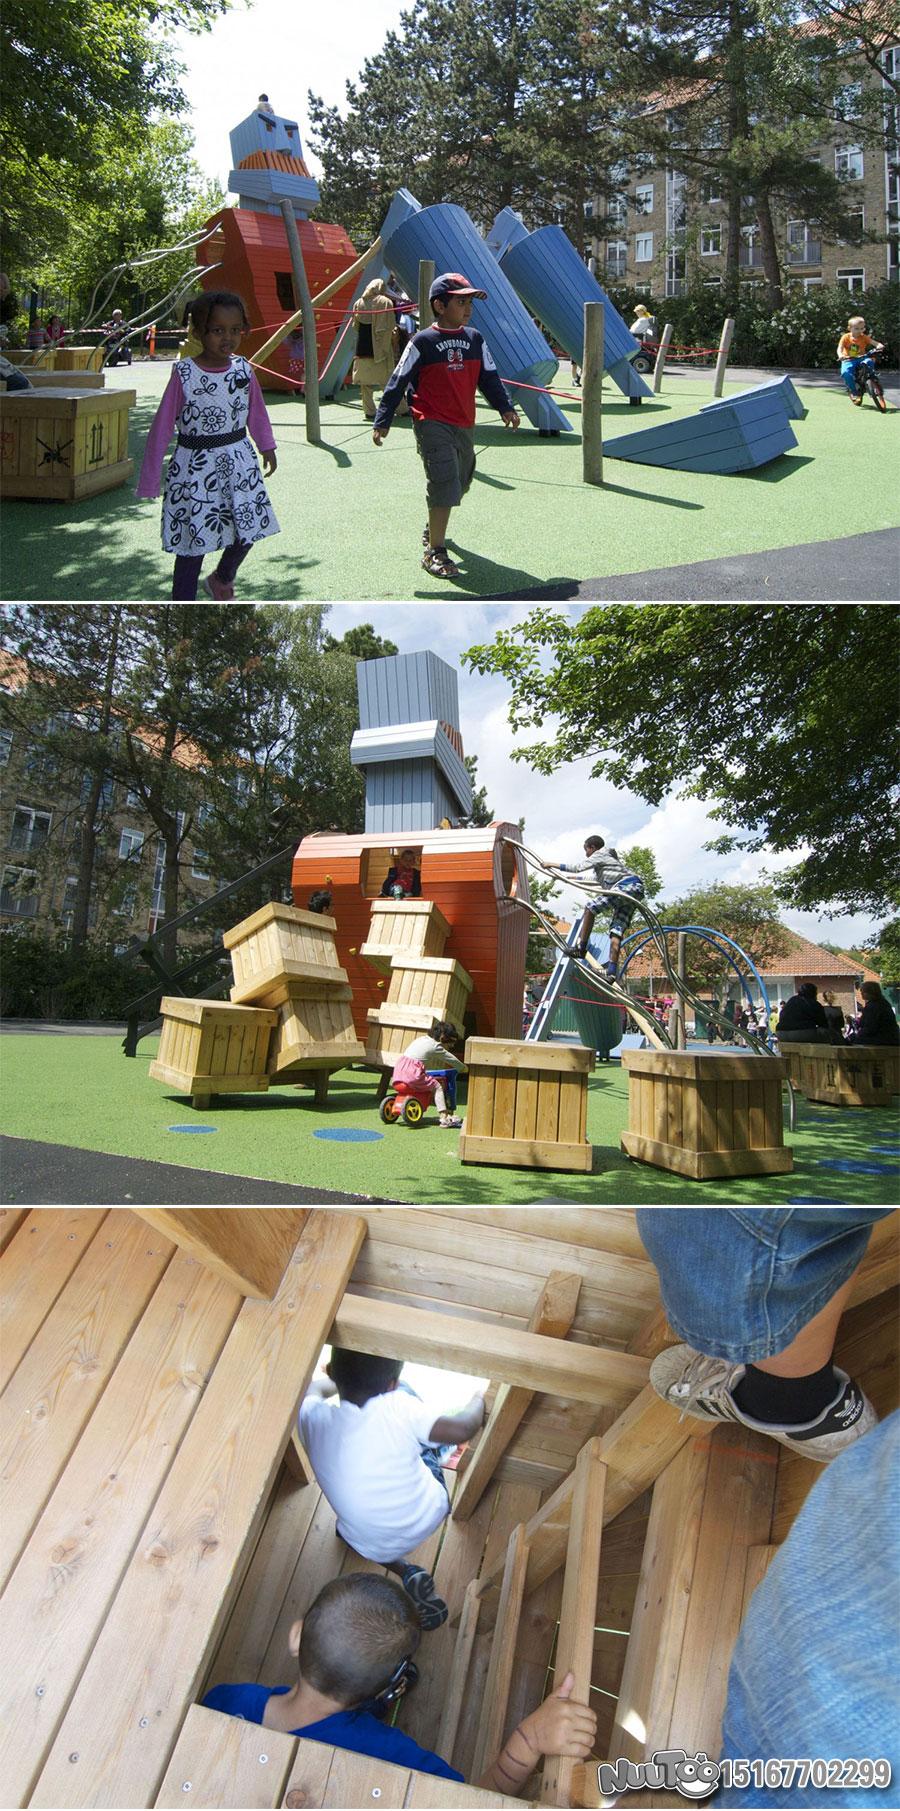 非标游乐+个性化游乐场+游乐设备+游乐设施+户外儿童游乐设施_14